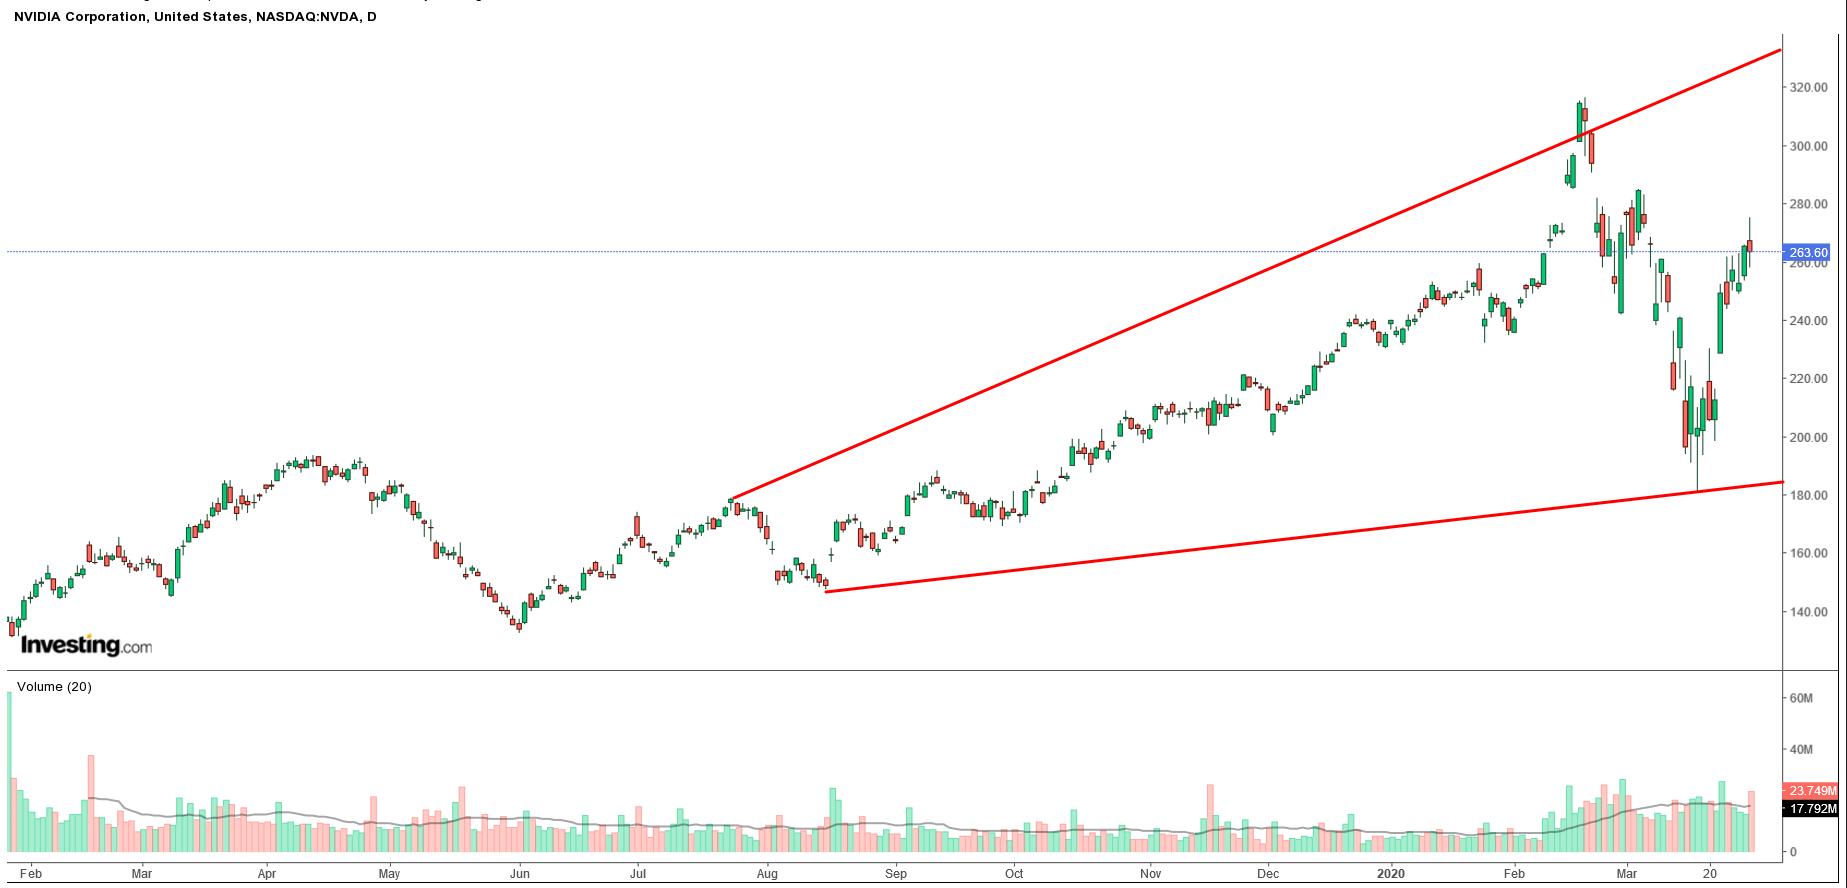 株価 エヌビディア 時間 外